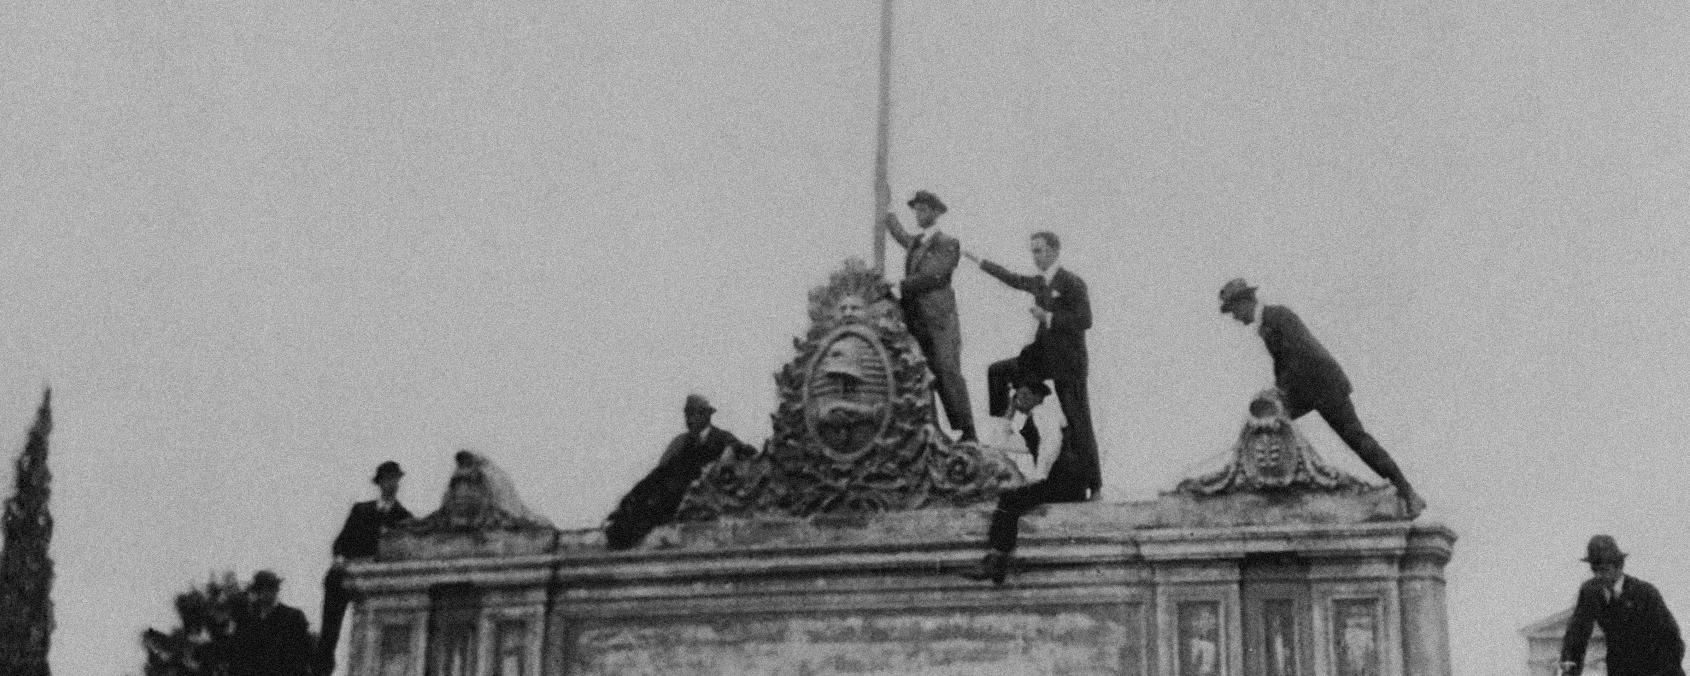 A cien años de la Reforma Universitaria de 1918. Desafíos, balances y perspectivas a uno y otro lado del Atlántico